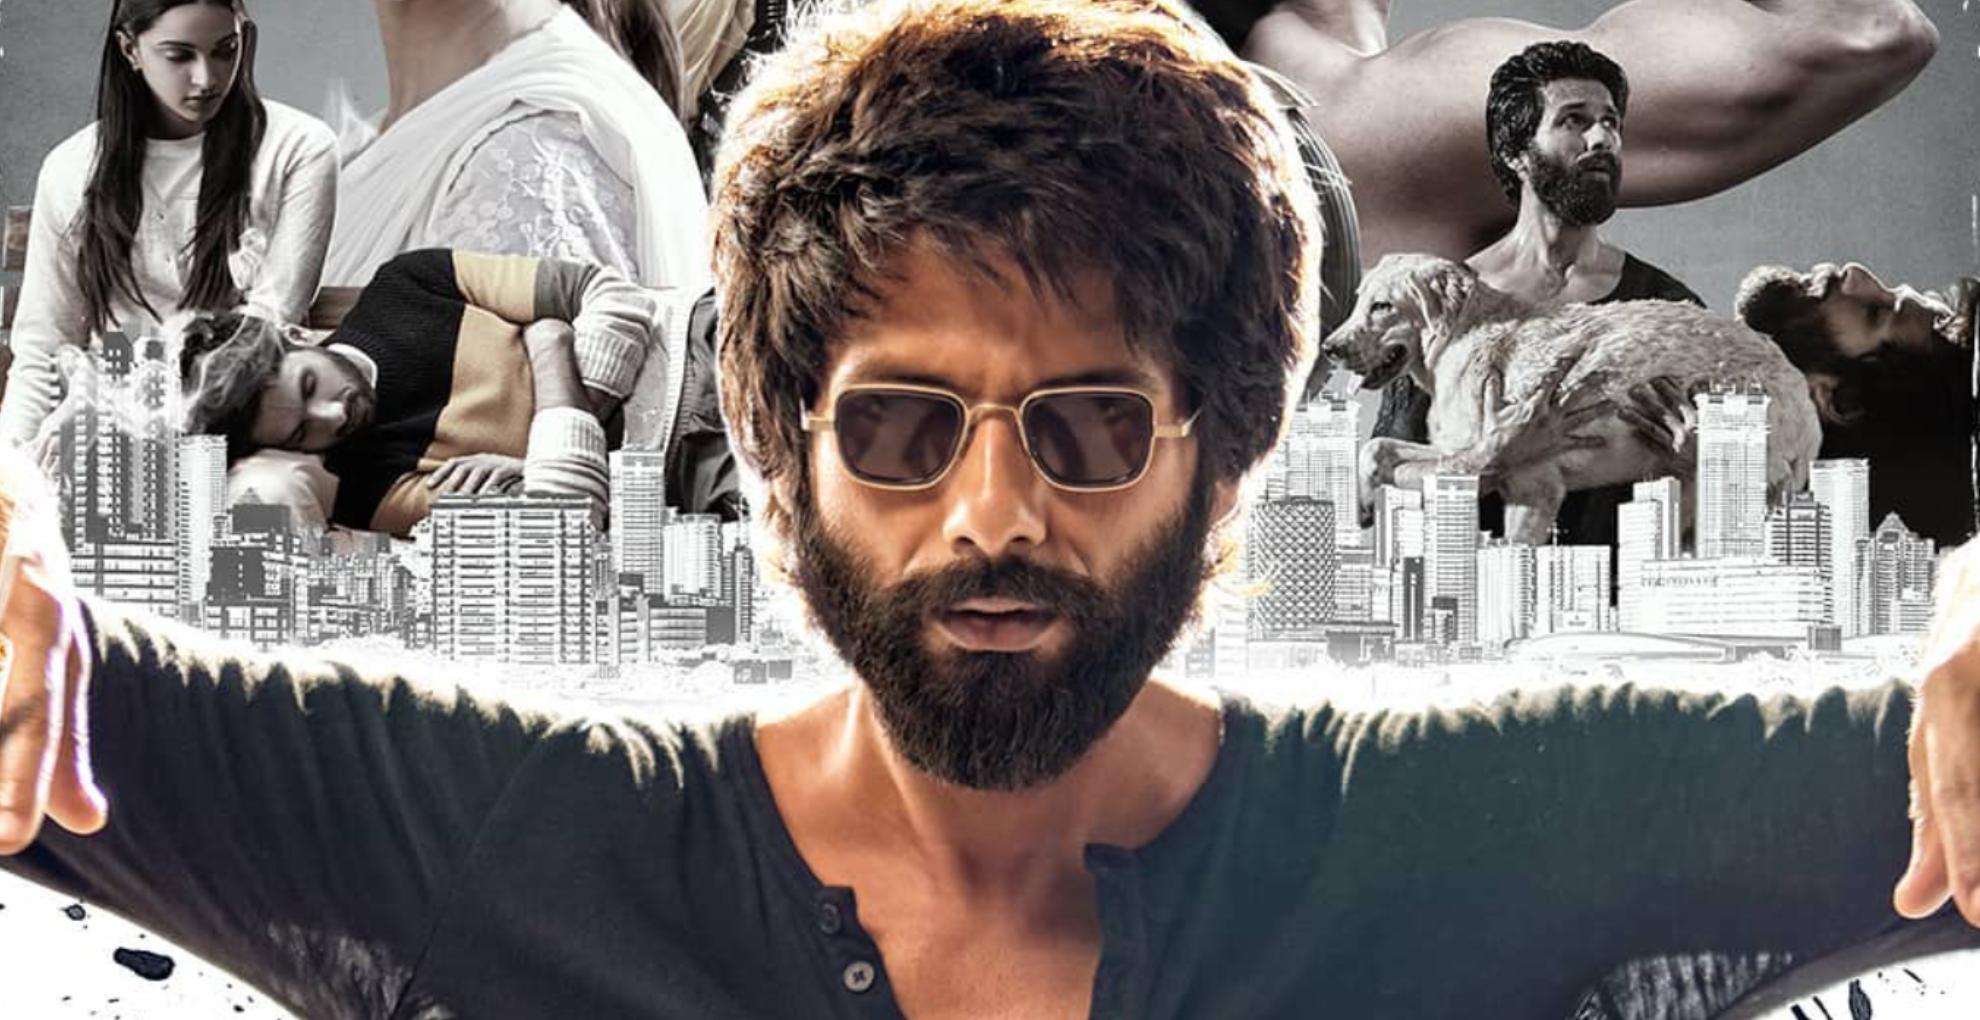 Kabir Singh: तमिलरॉकर्स ने रिलीज होते ही लीक की कबीर सिंह, कमाई के मामले में क्या पीछे रह जाएगी फिल्म?